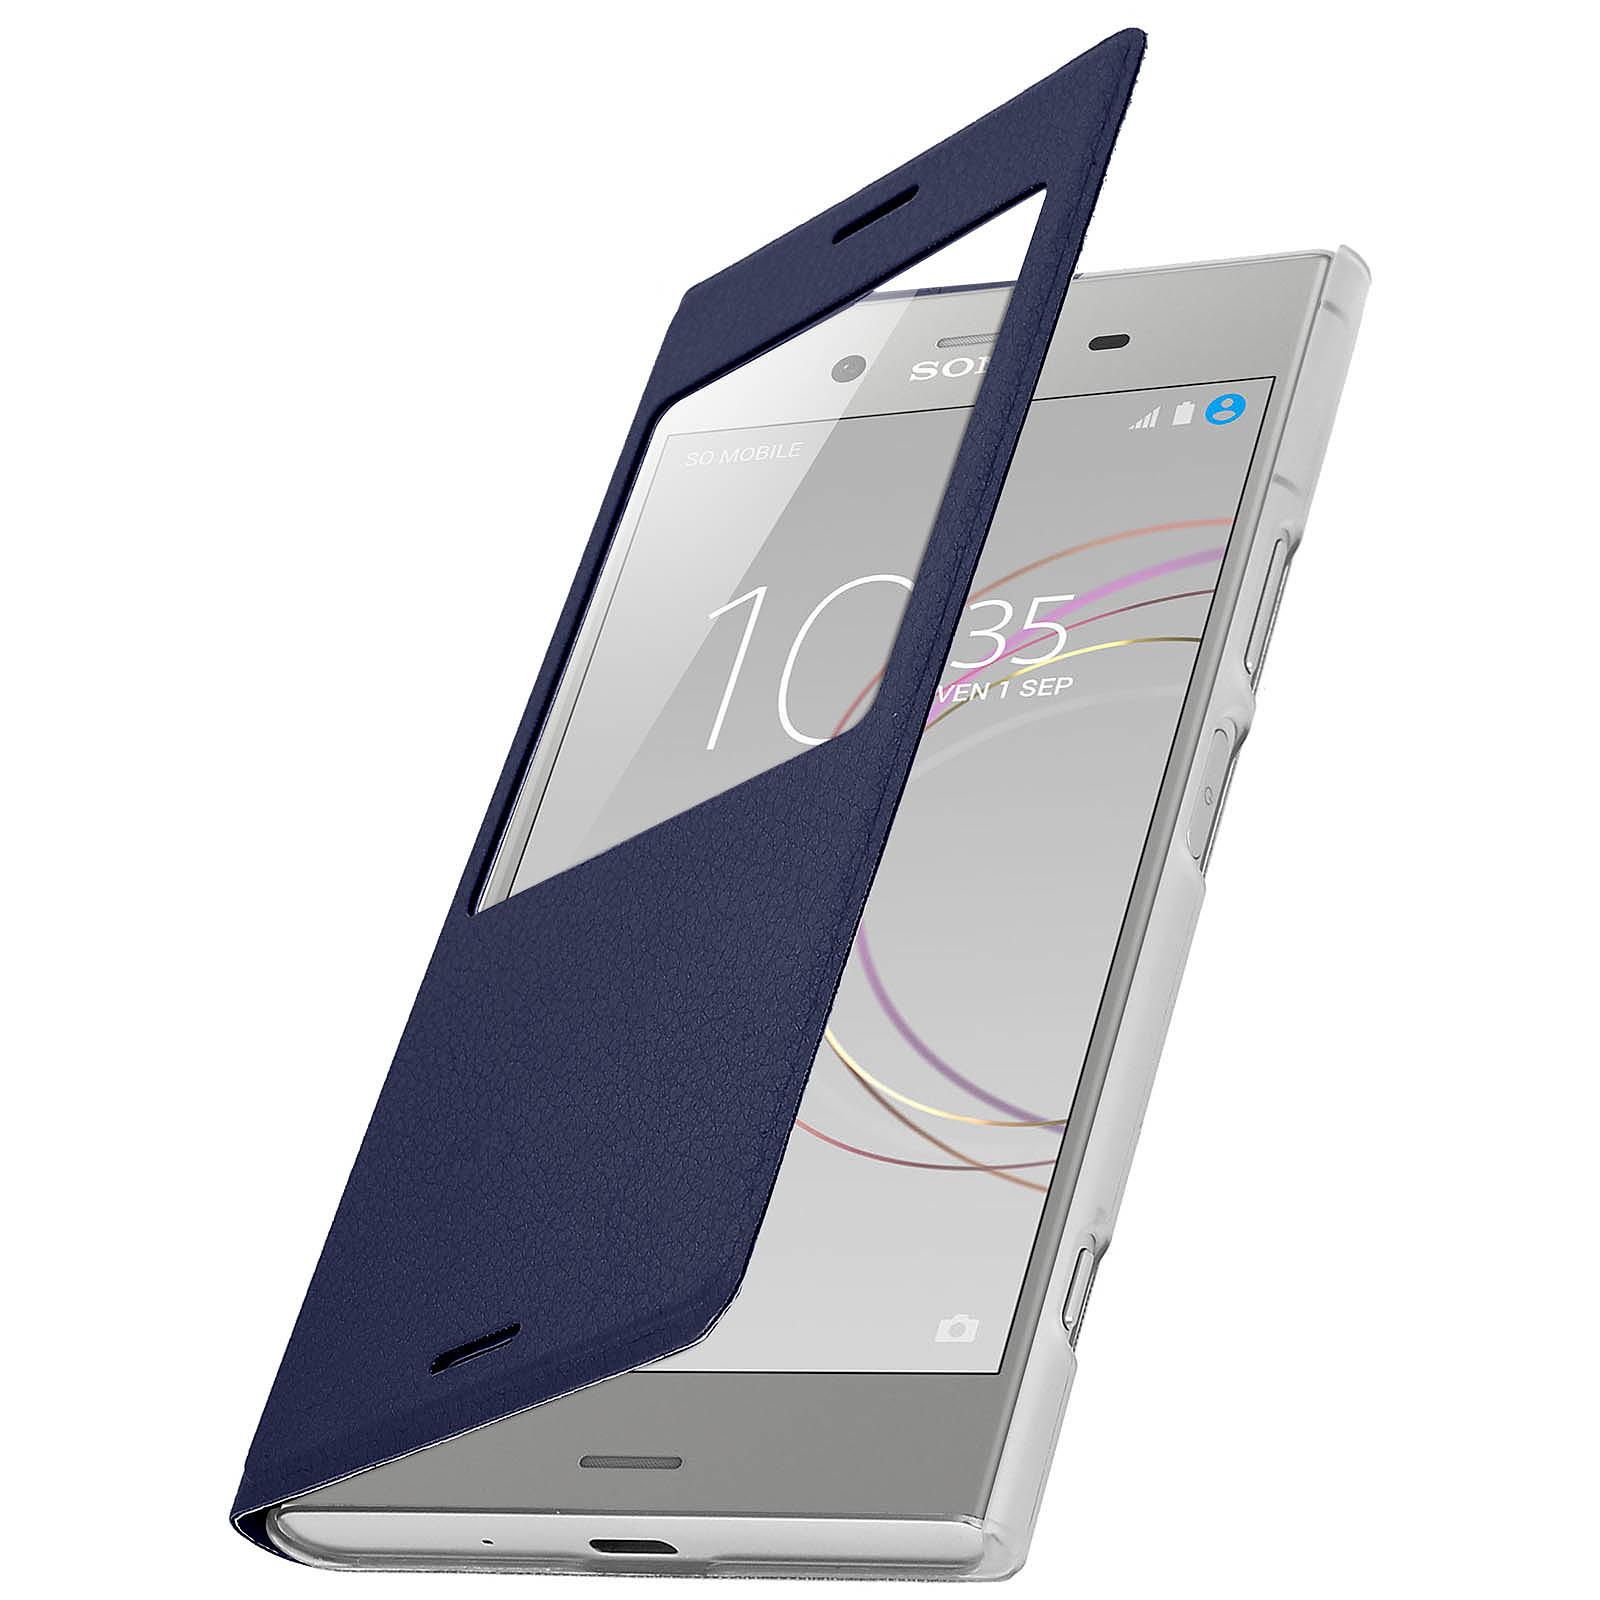 Avizar Etui folio Bleu Nuit pour Sony Xperia XZ1